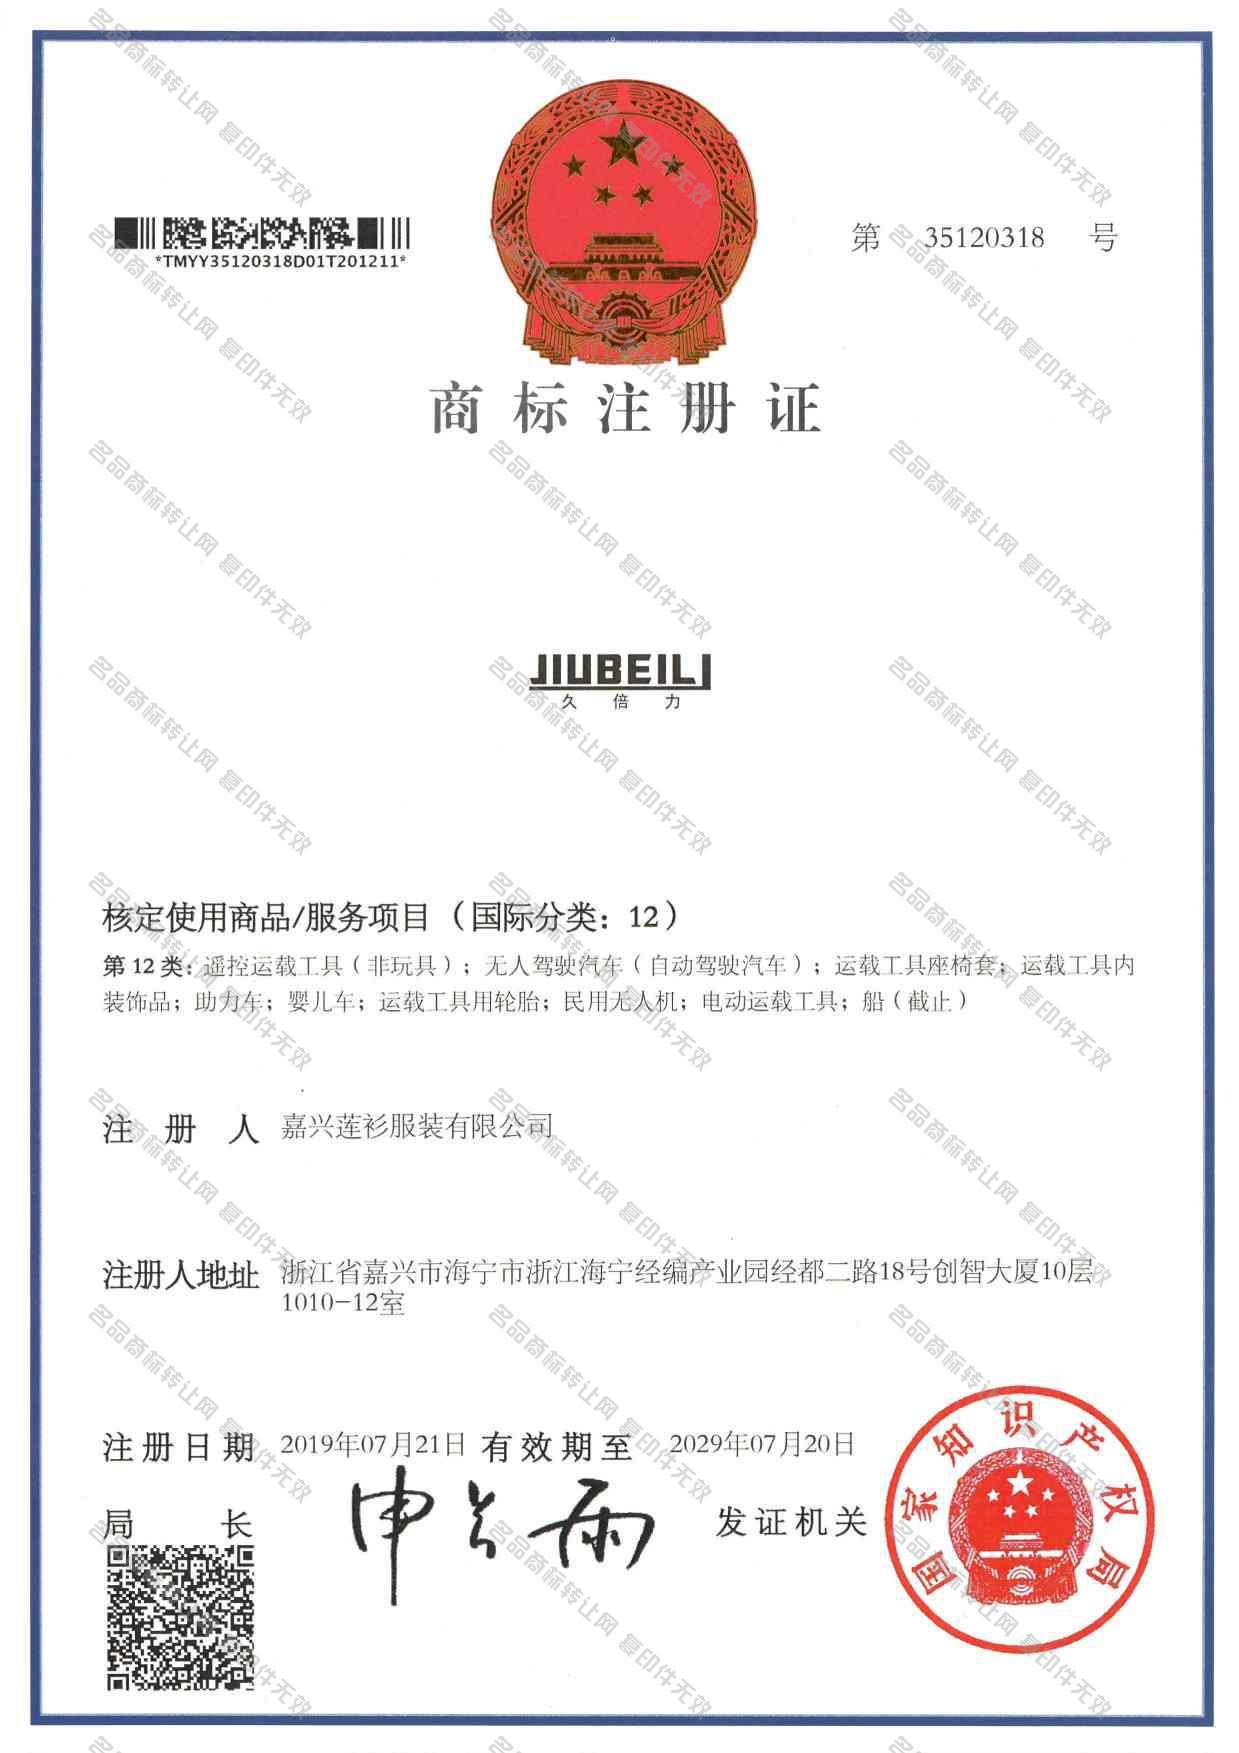 久倍力;JIUBEILI注册证